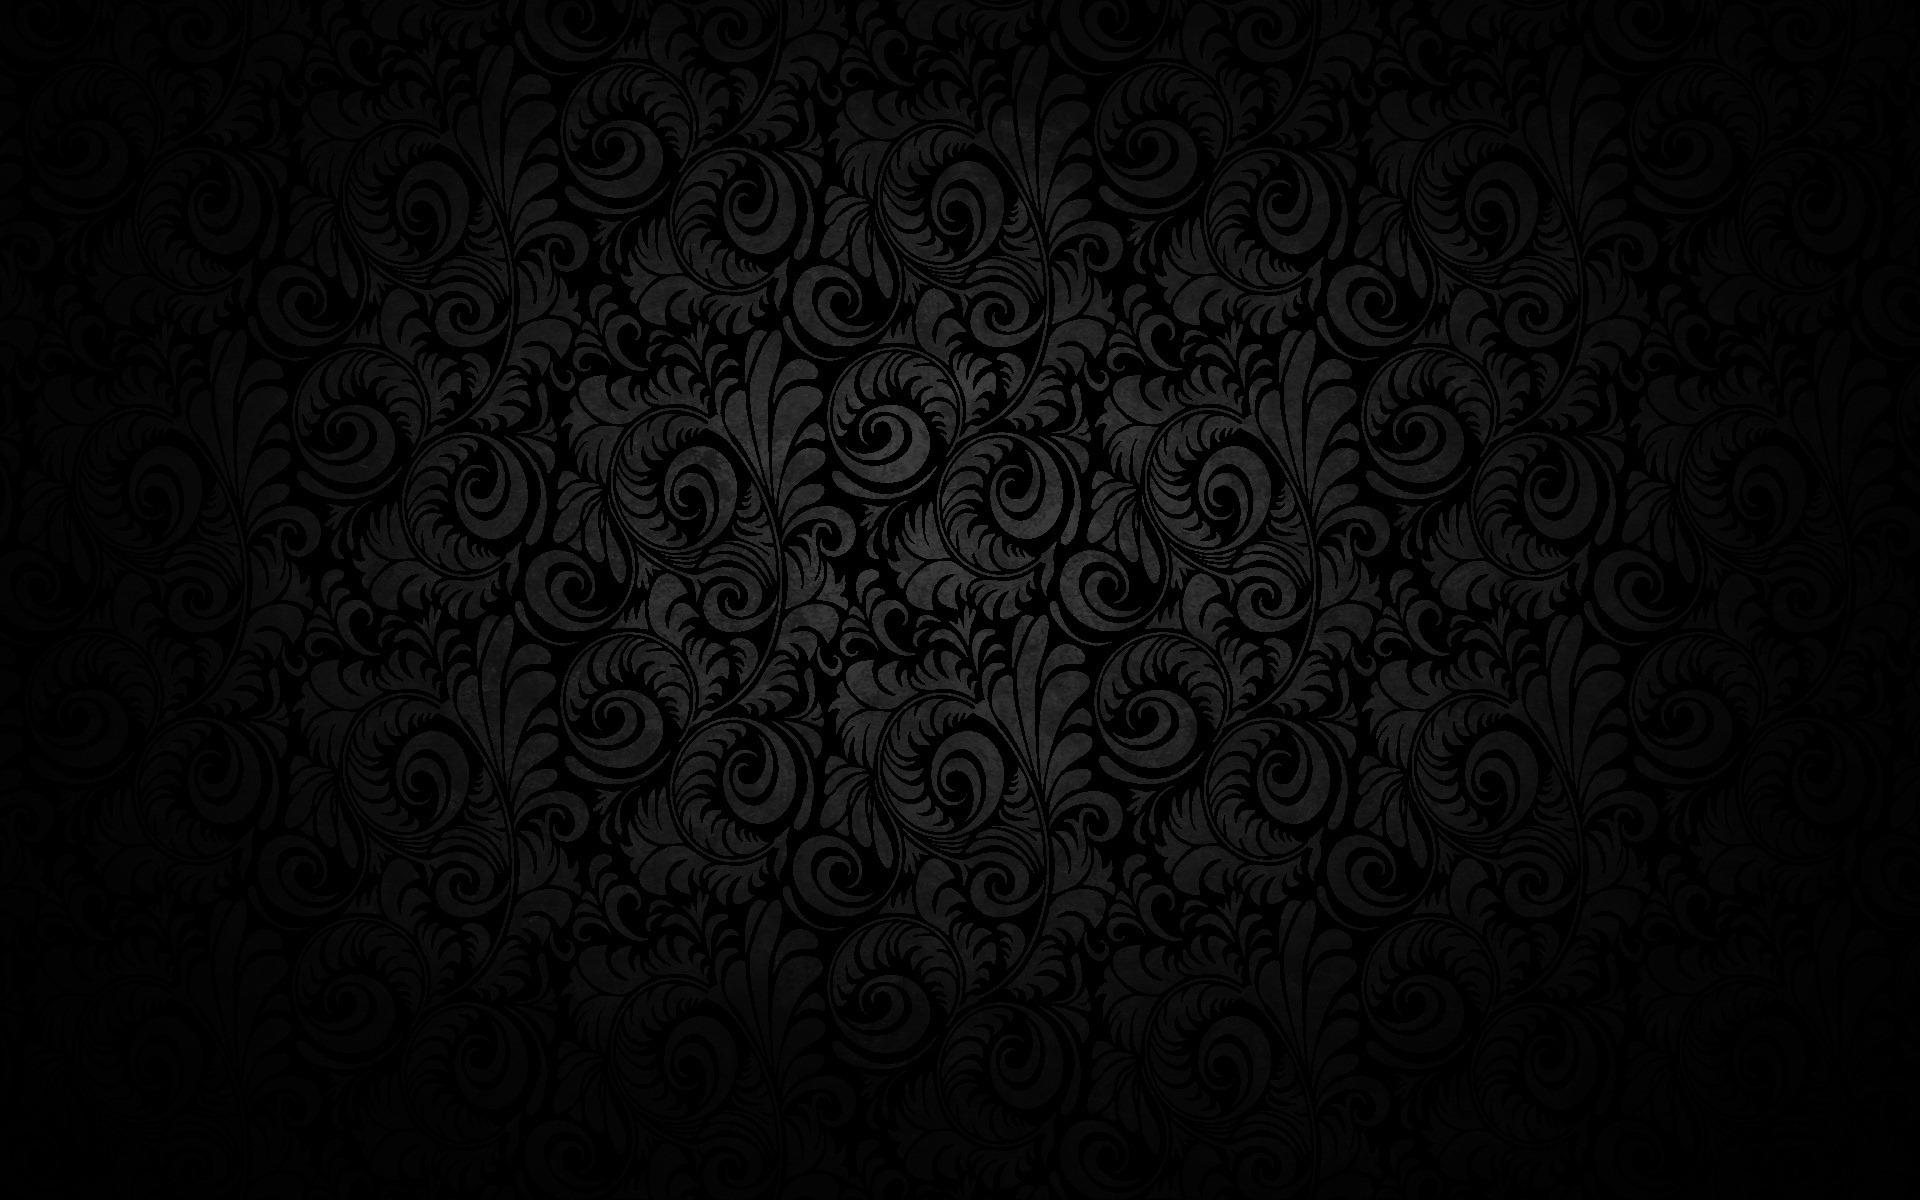 abstract wallpaper widescreen az hd wallpaper 52 stock 64 1920x1200